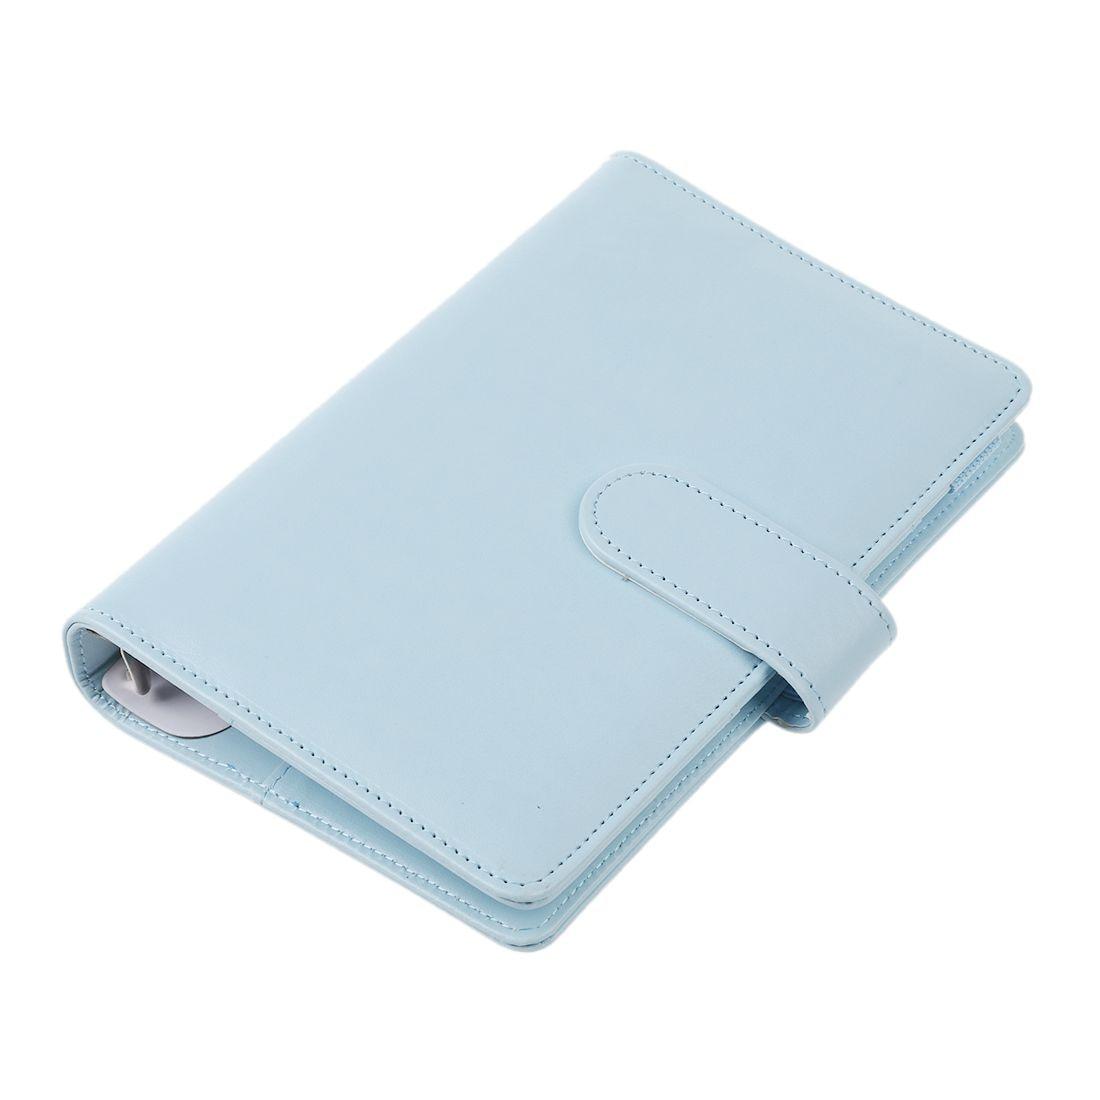 85703d386 Caderno espiral de couro a preços acessíveis Original pessoa do escritório  fichário planejador semanal/agenda organizador anel Bonito diário papelaria  A6